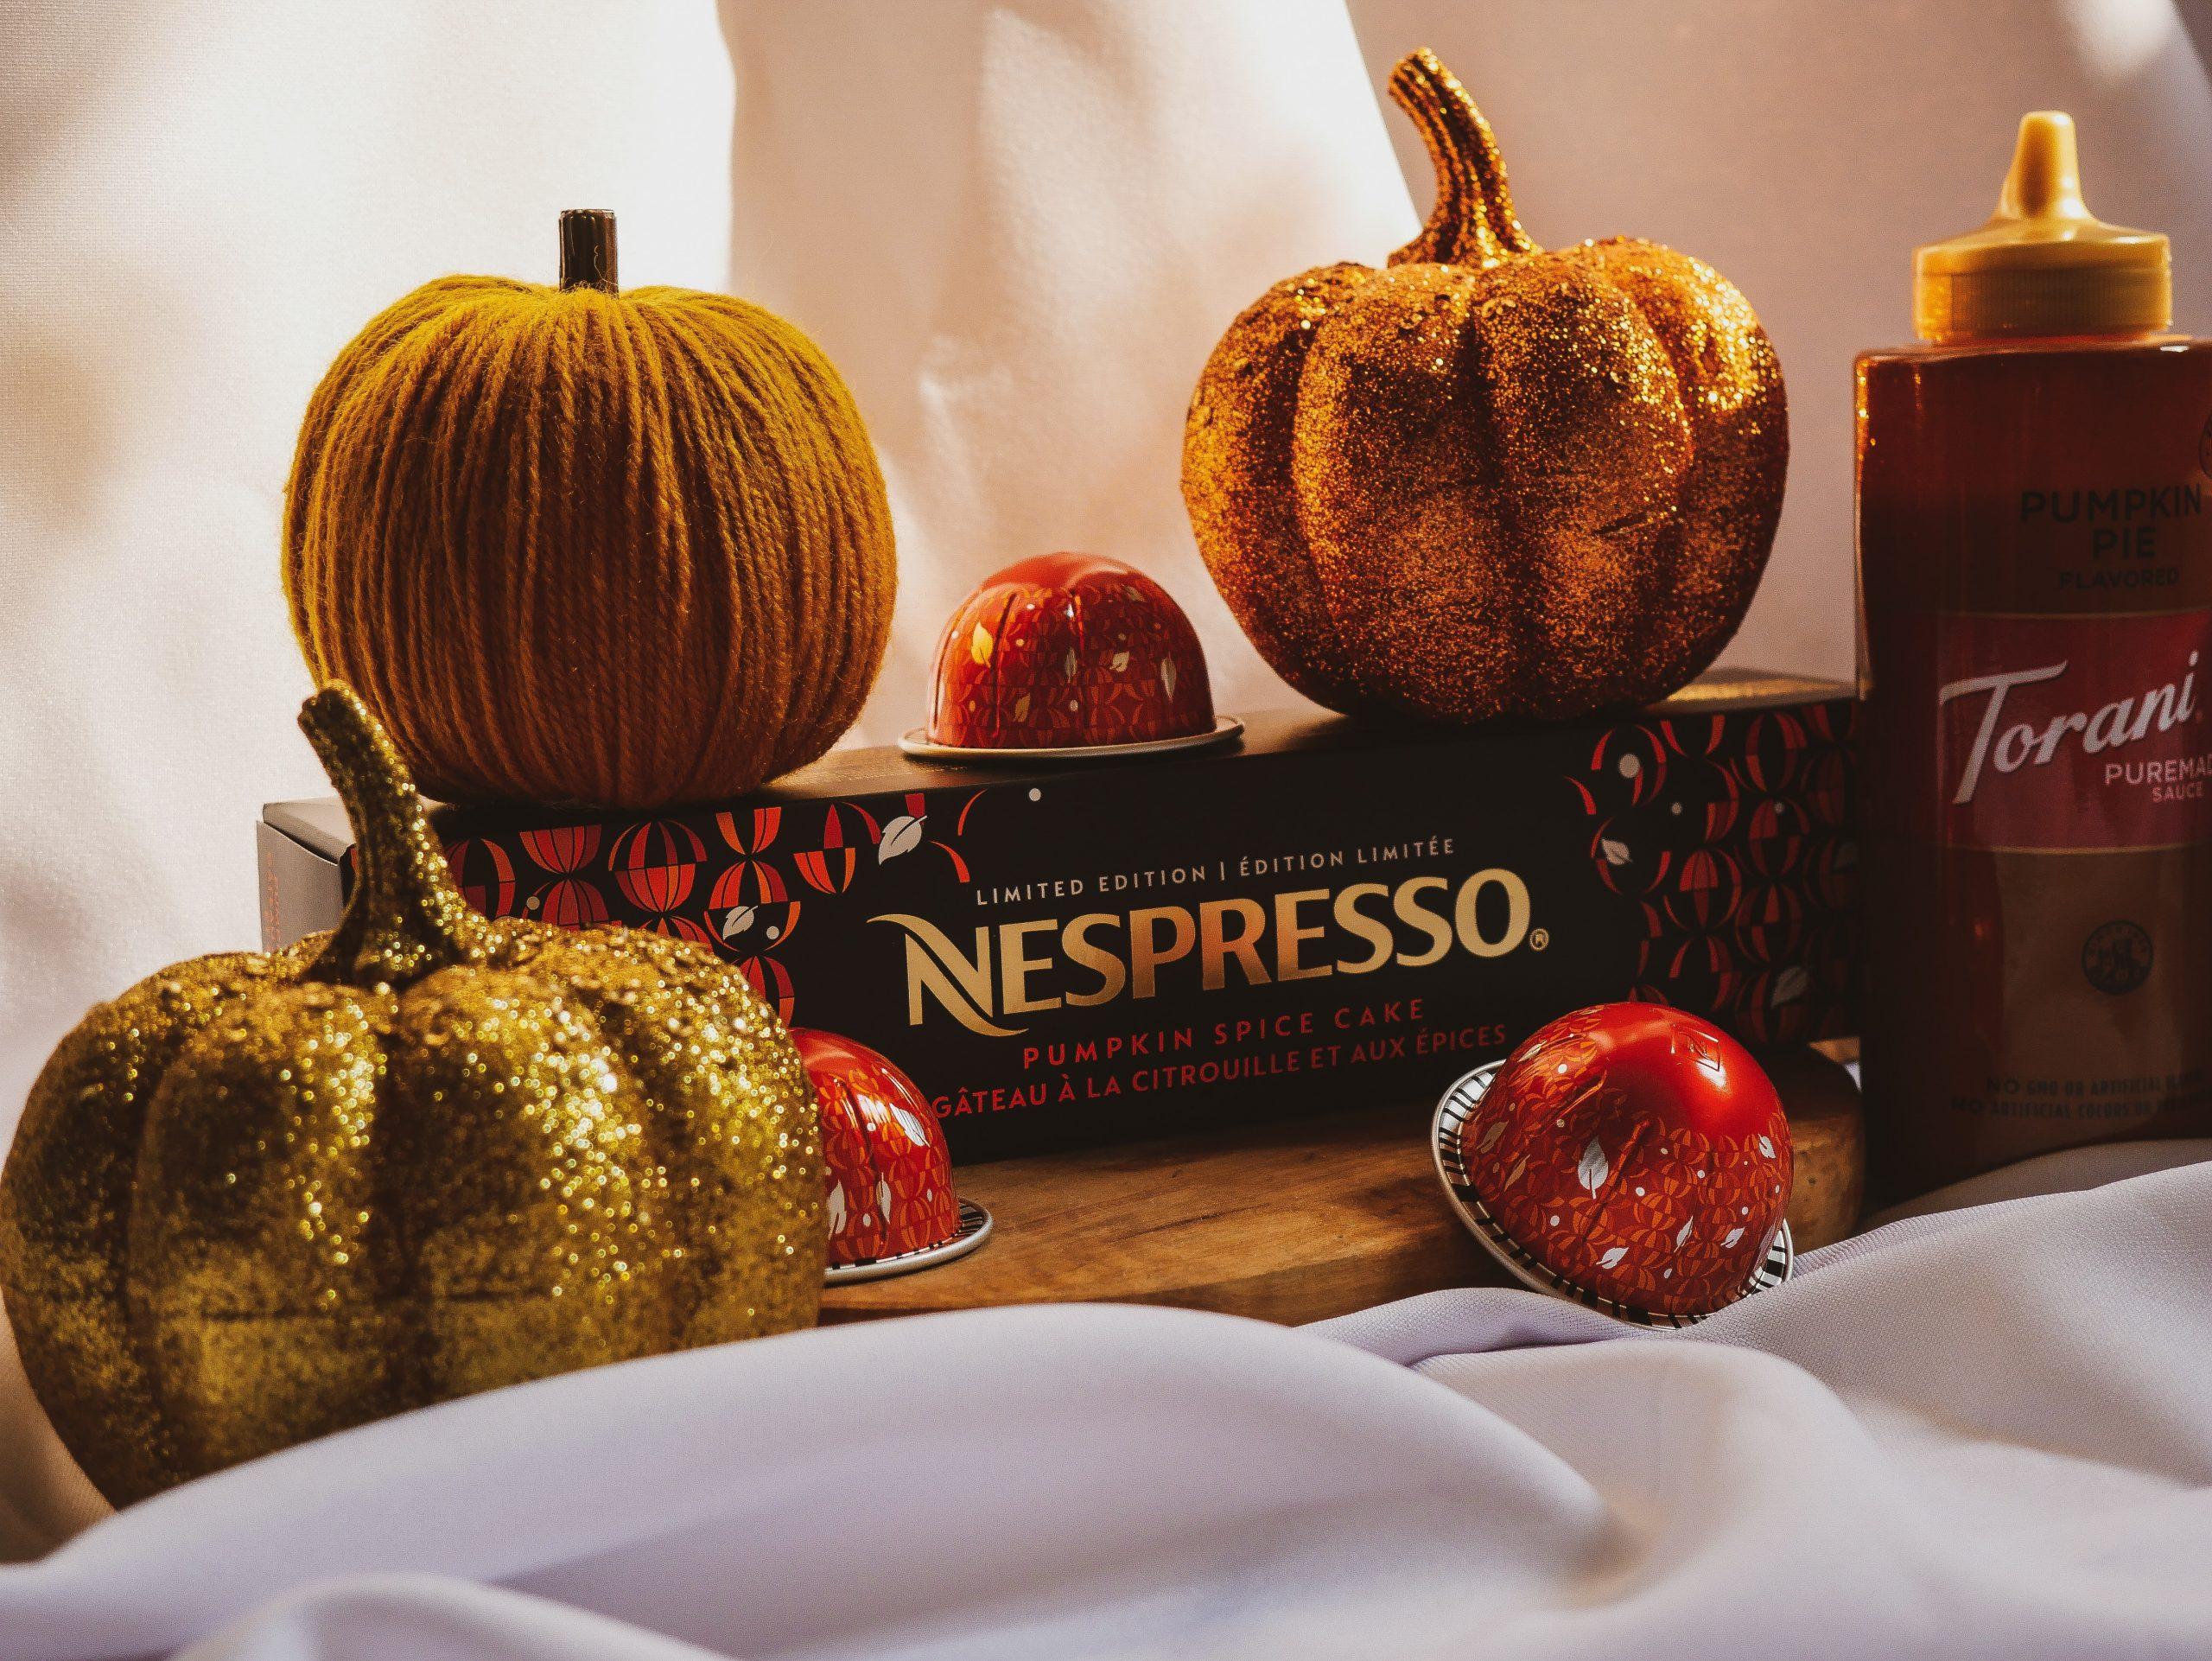 Nestlé pierde en Suiza larga batalla legal por las cápsulas de Nespresso